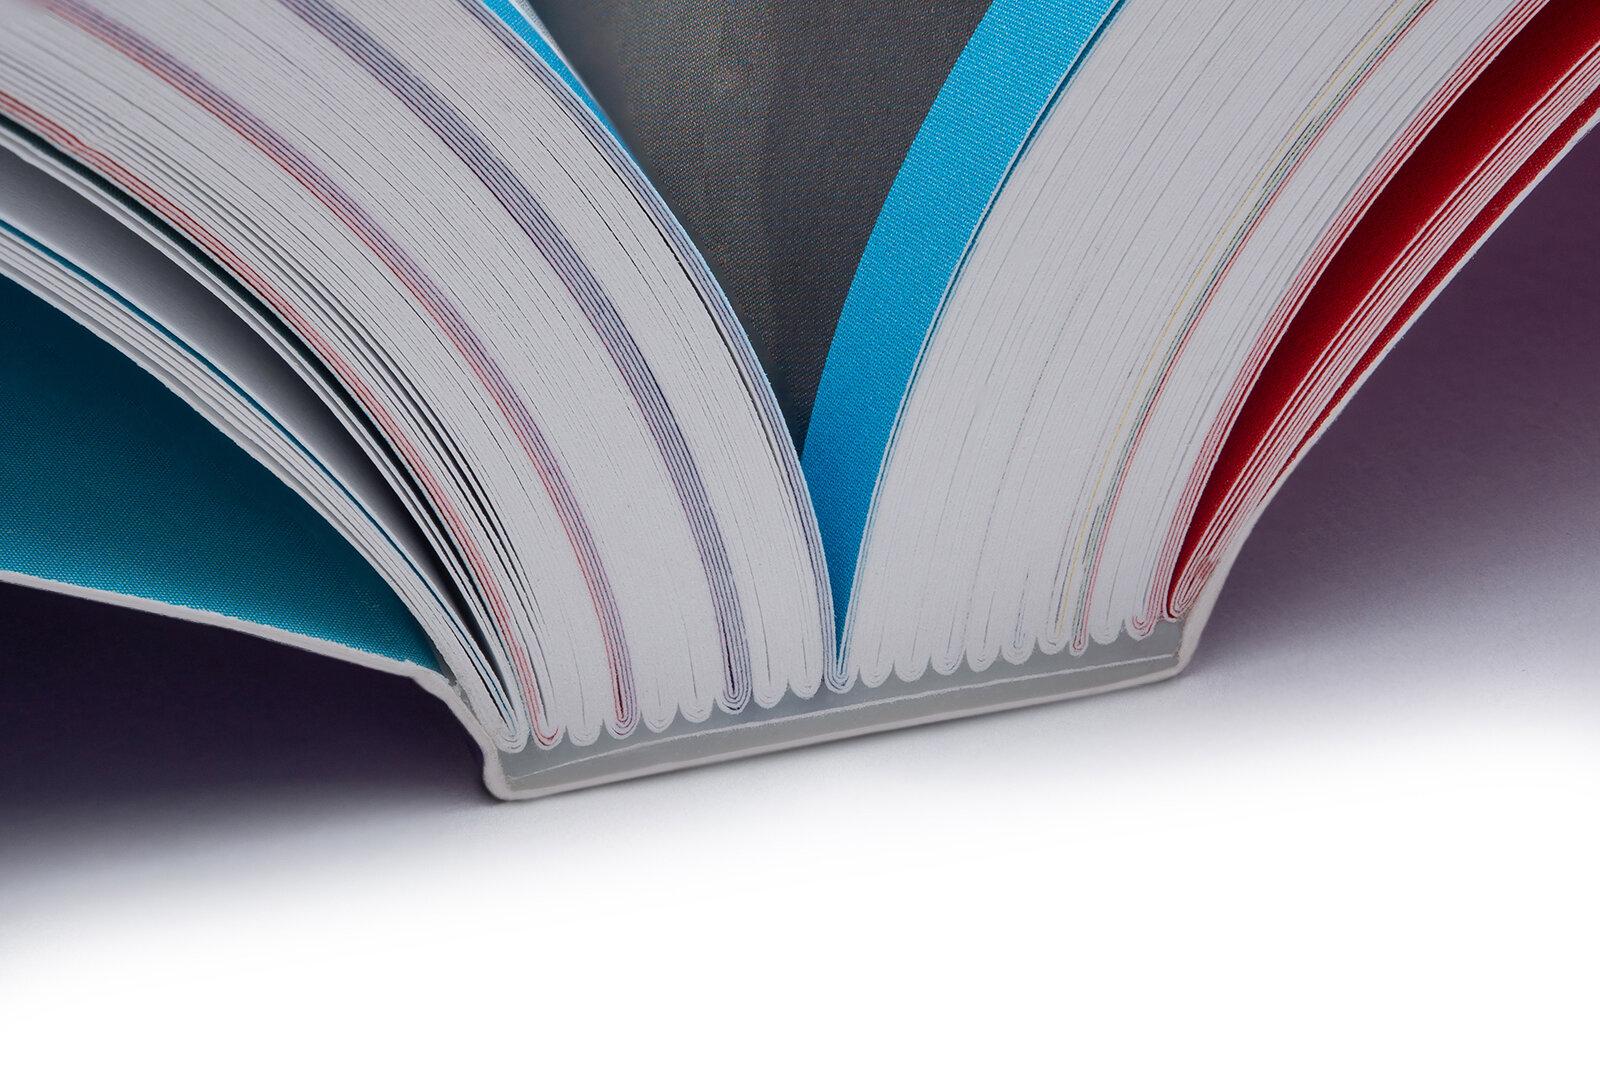 Listy sešité do složek a složky vlepené do měkké obálky -